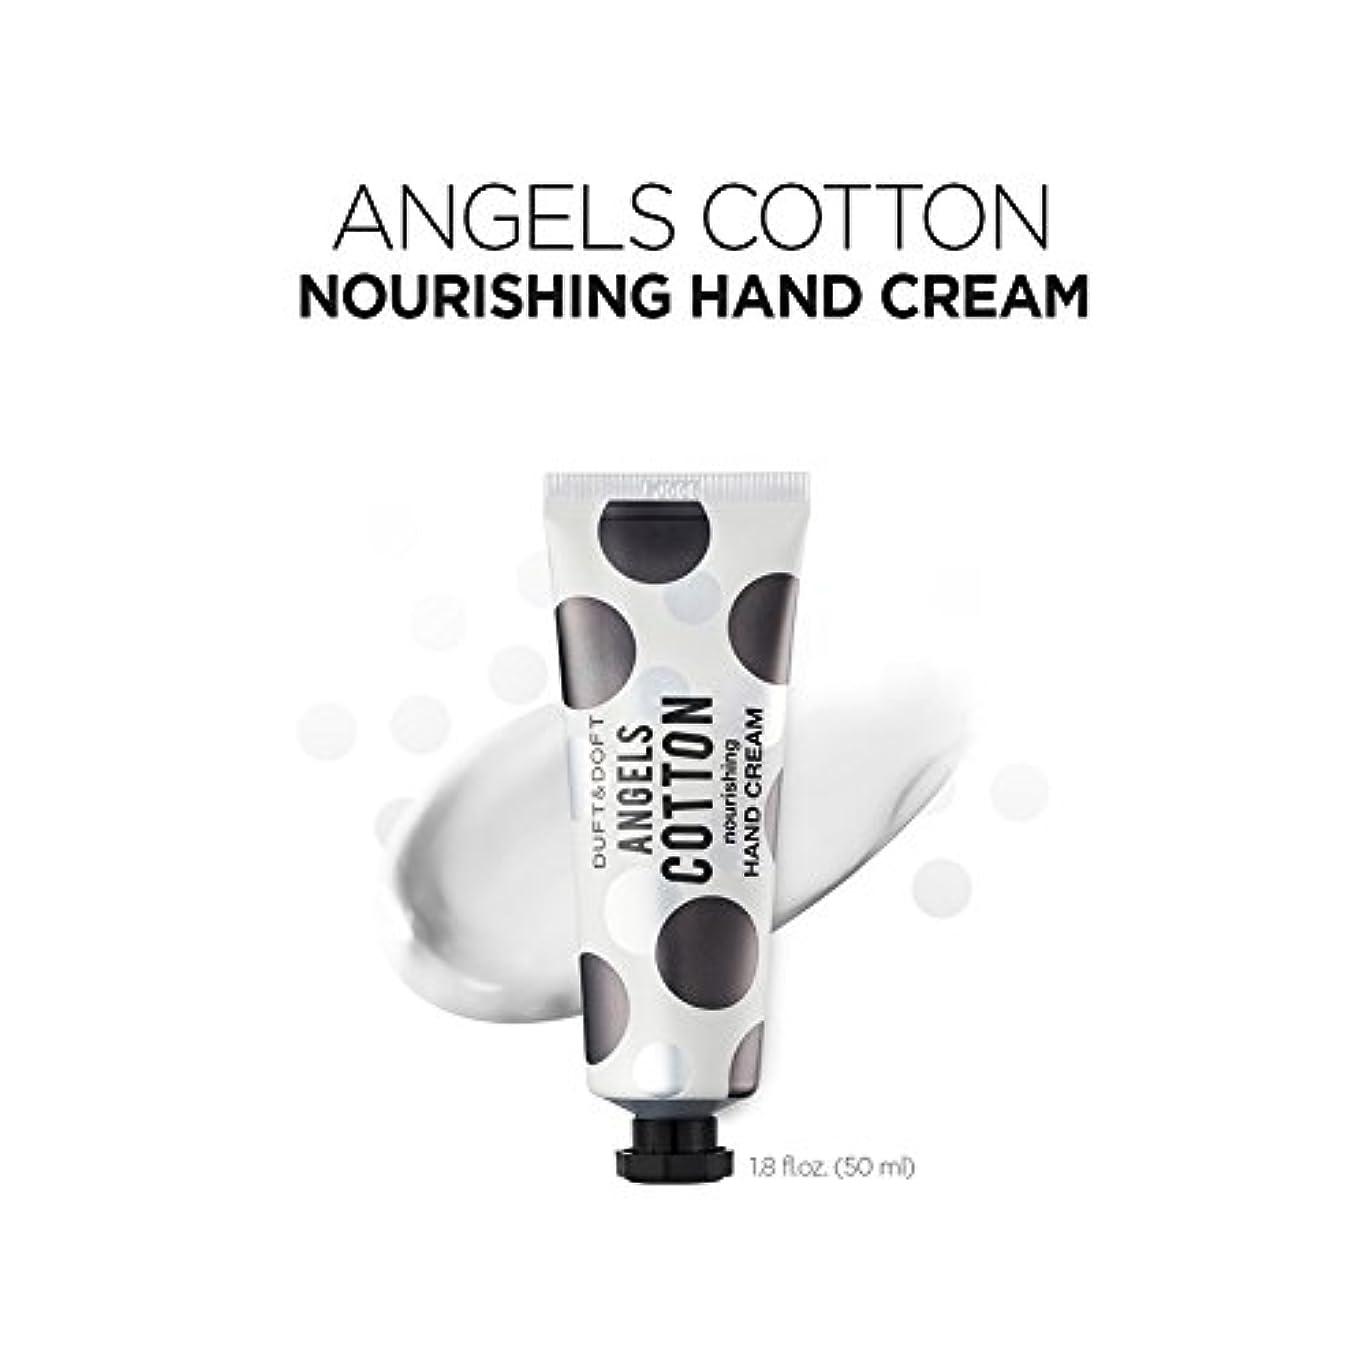 いらいらする新年告白ゥフト&ドフト [DUFT&DOFT] エンジェルコットン ナリシング ハンドクリーム Angel Cotton Nourishing Hand Cream (50ml + 50ml) / 韓国製 韓国直送品